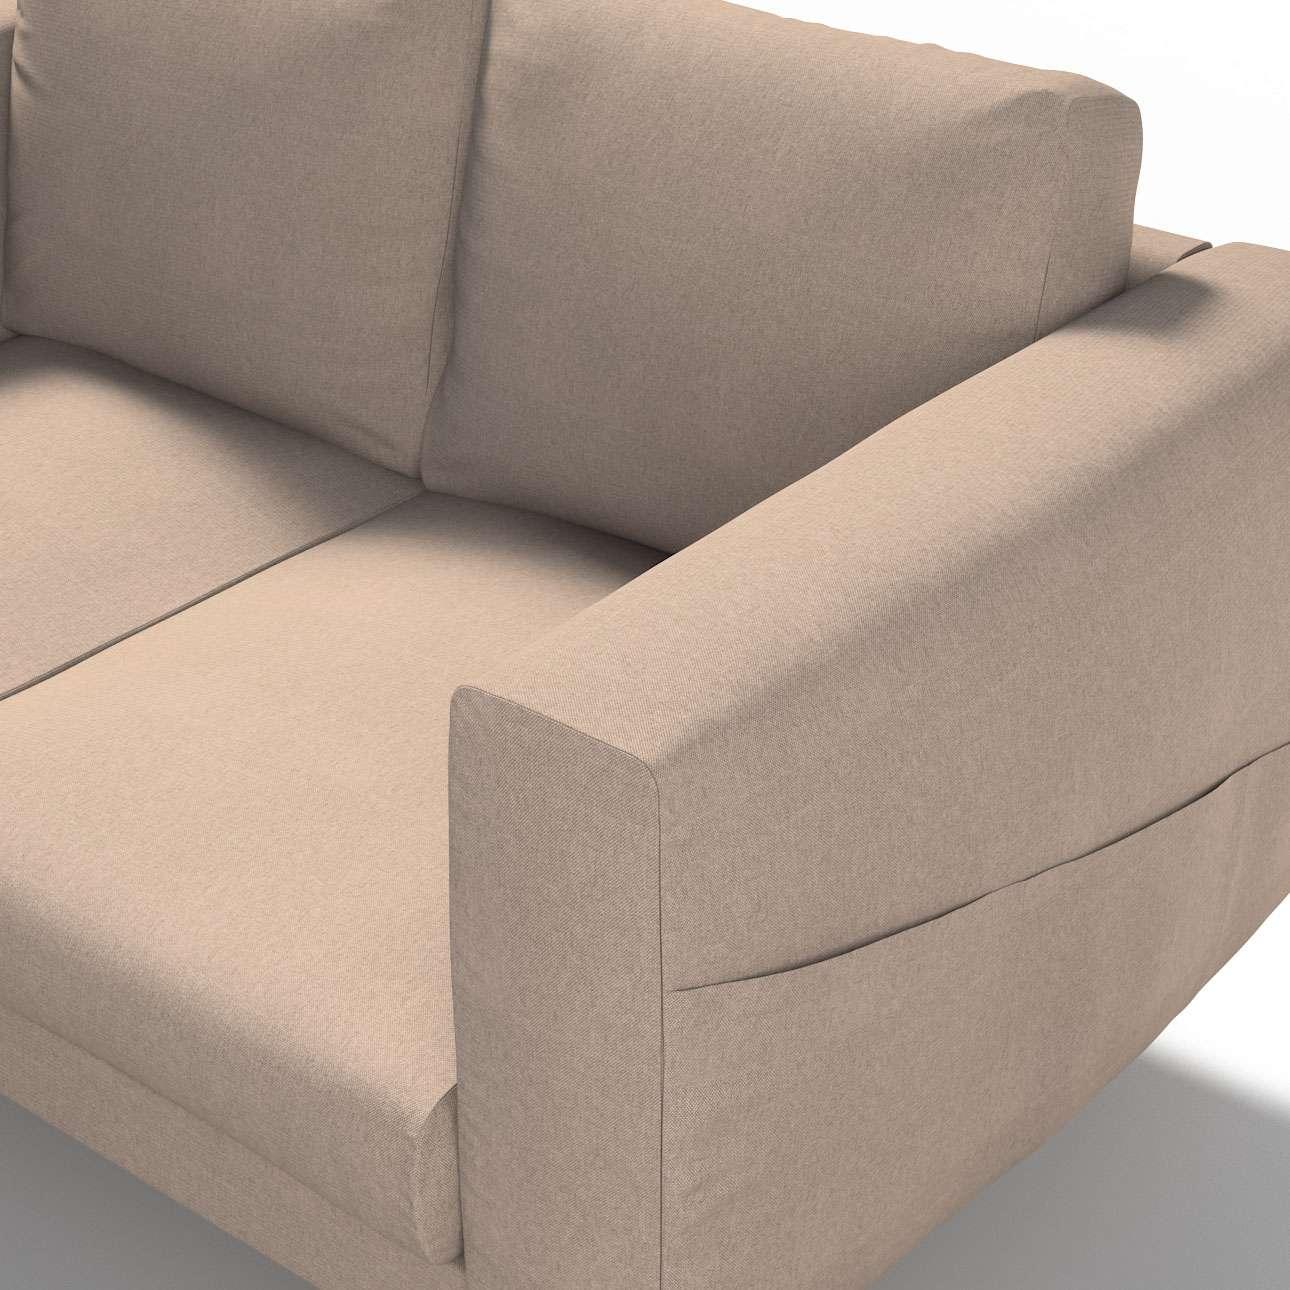 Pokrowiec na sofę Norsborg 2-osobową w kolekcji Etna, tkanina: 705-09